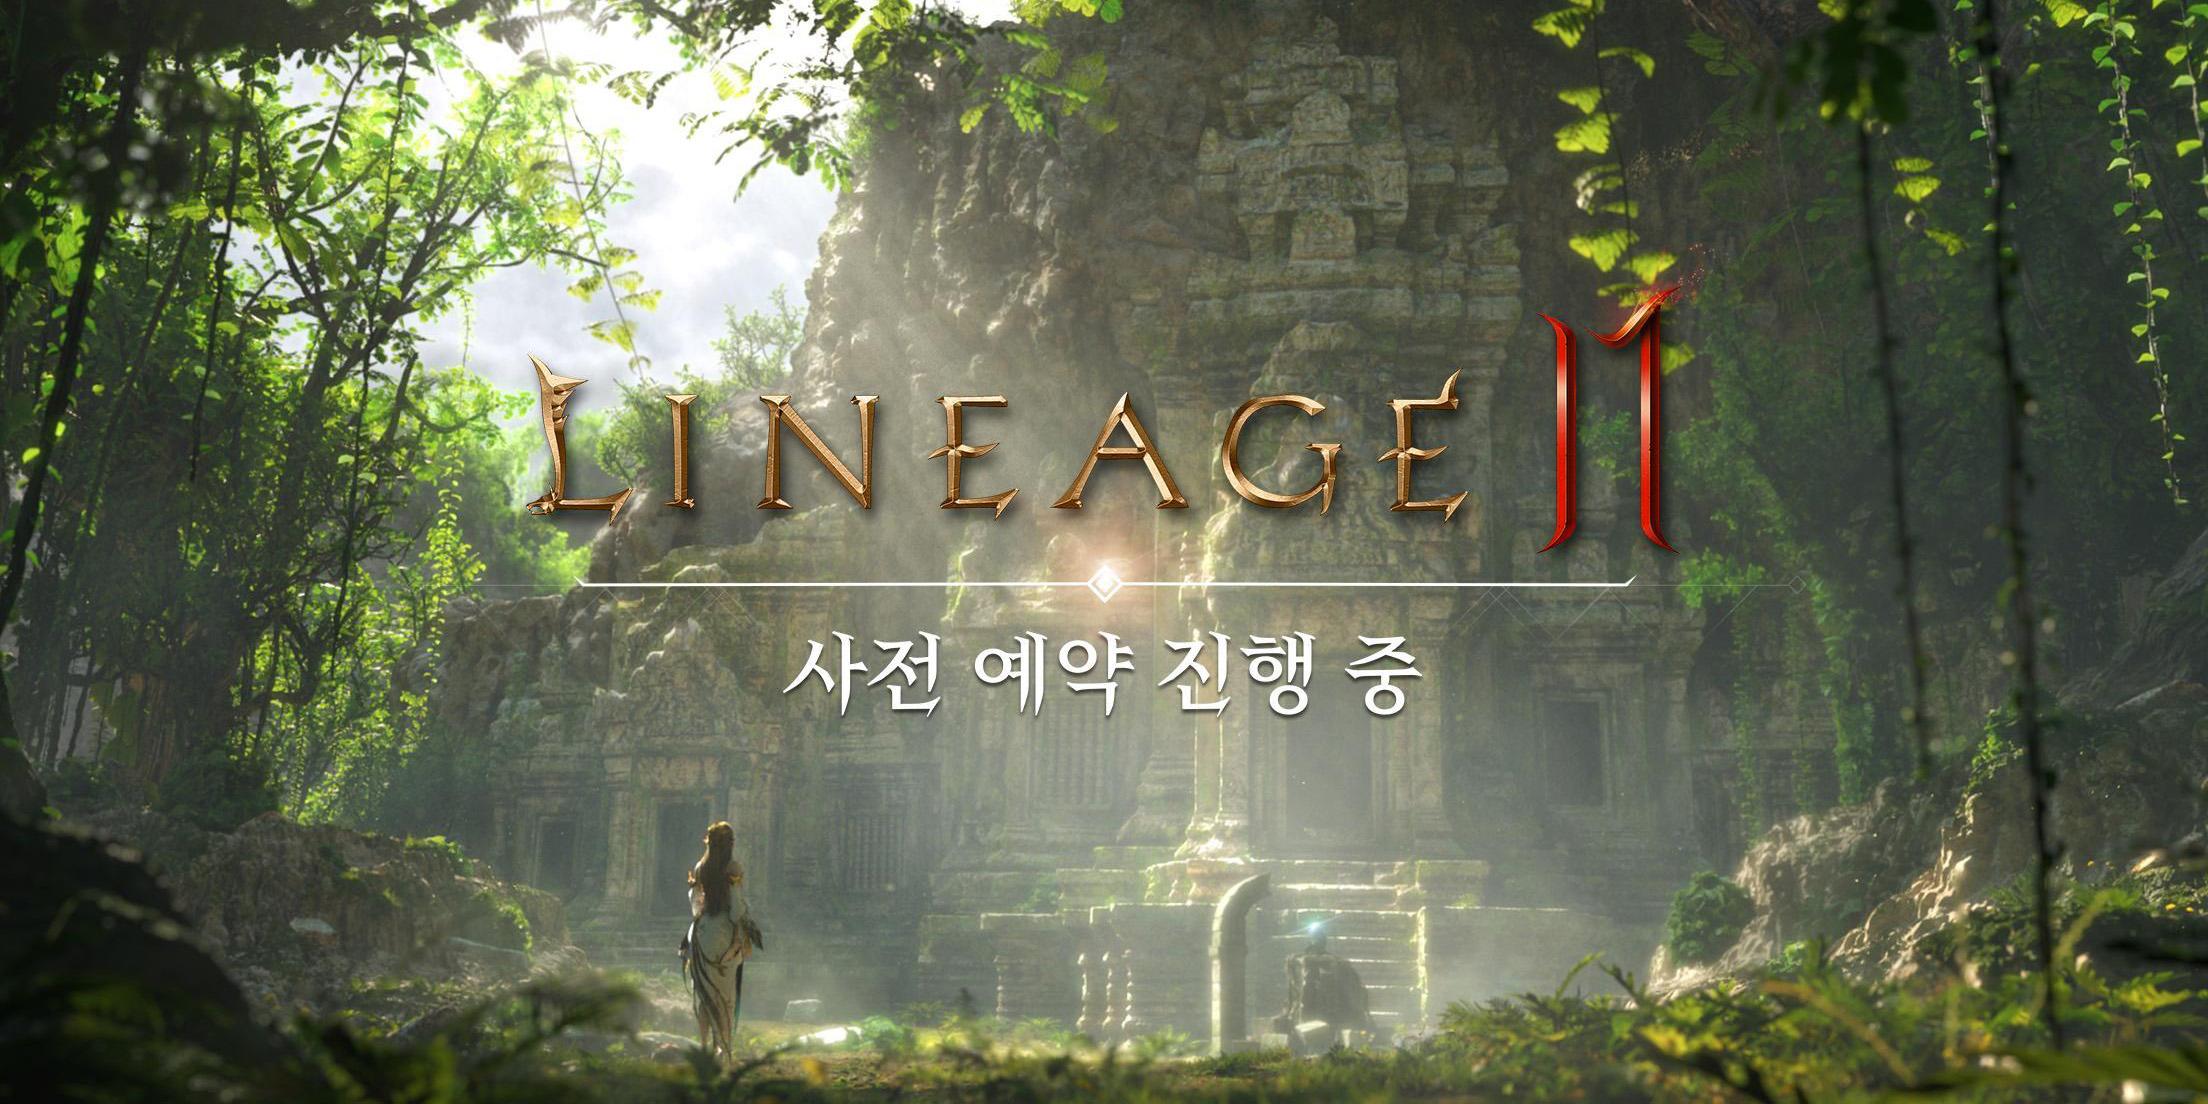 MMO-индустрия: Lineage 2M: предрелизная информация